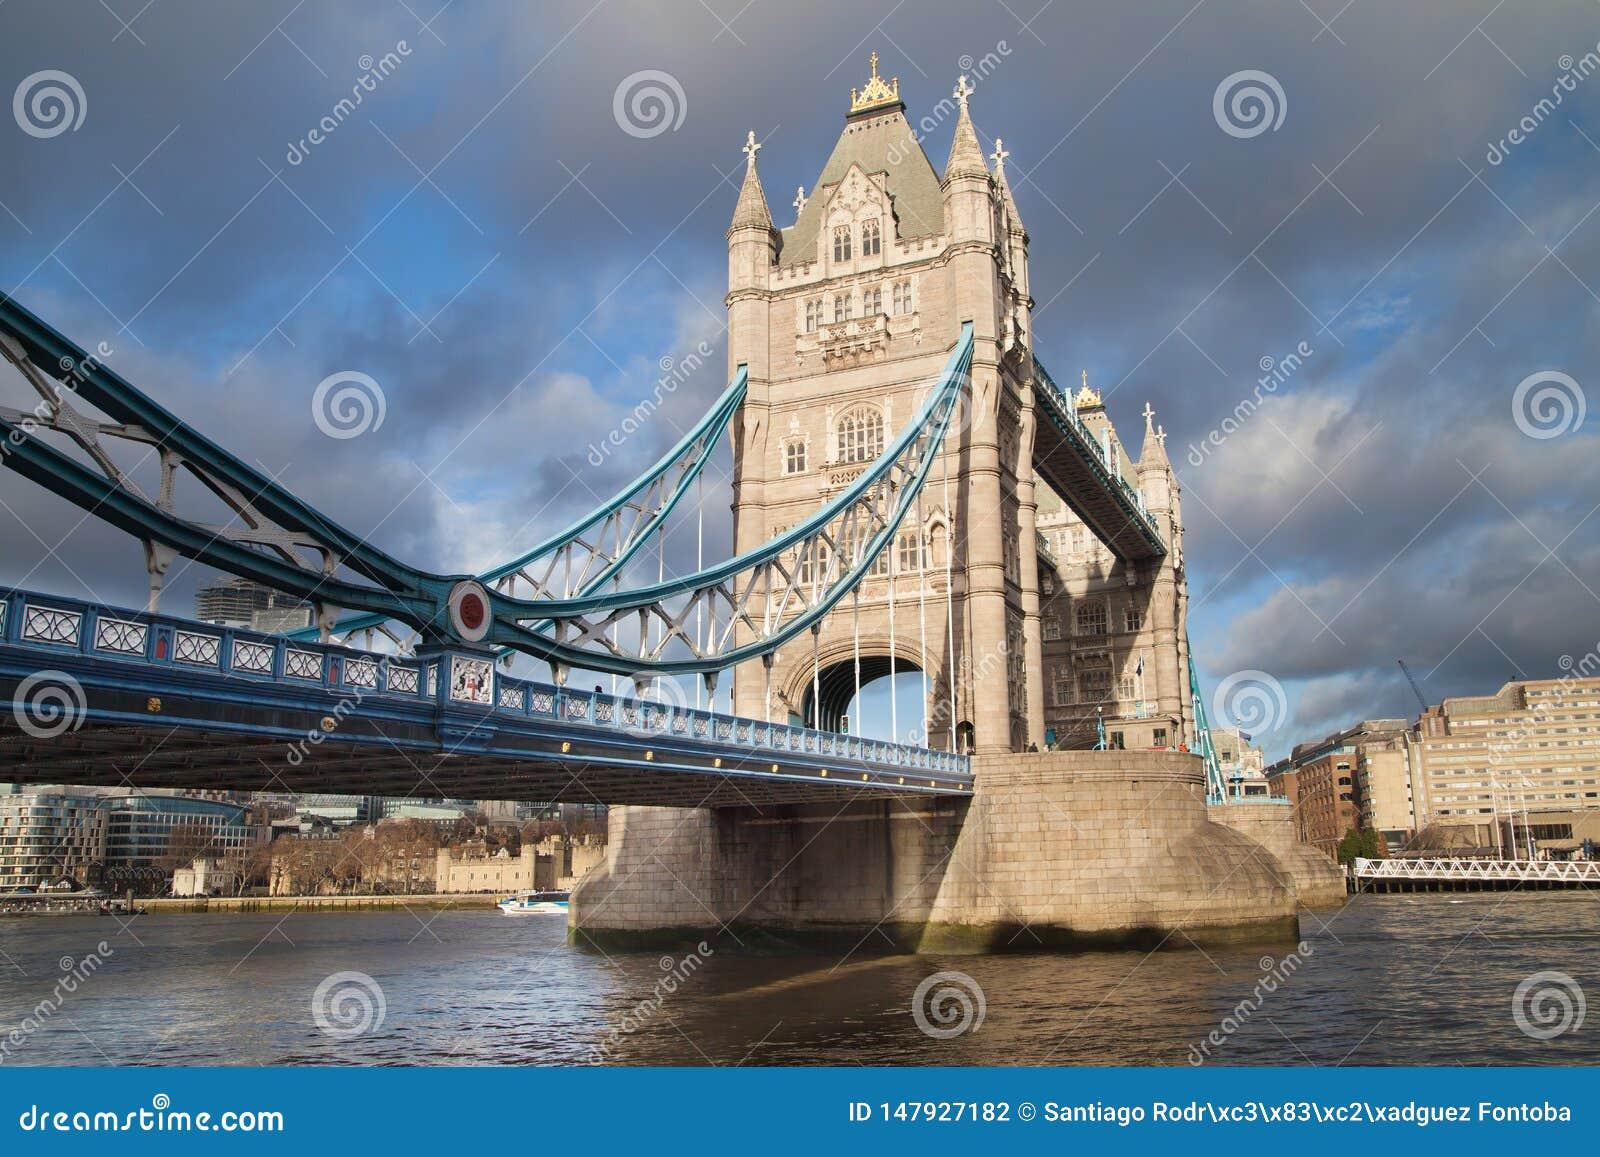 Pont de tour de Shad Thames